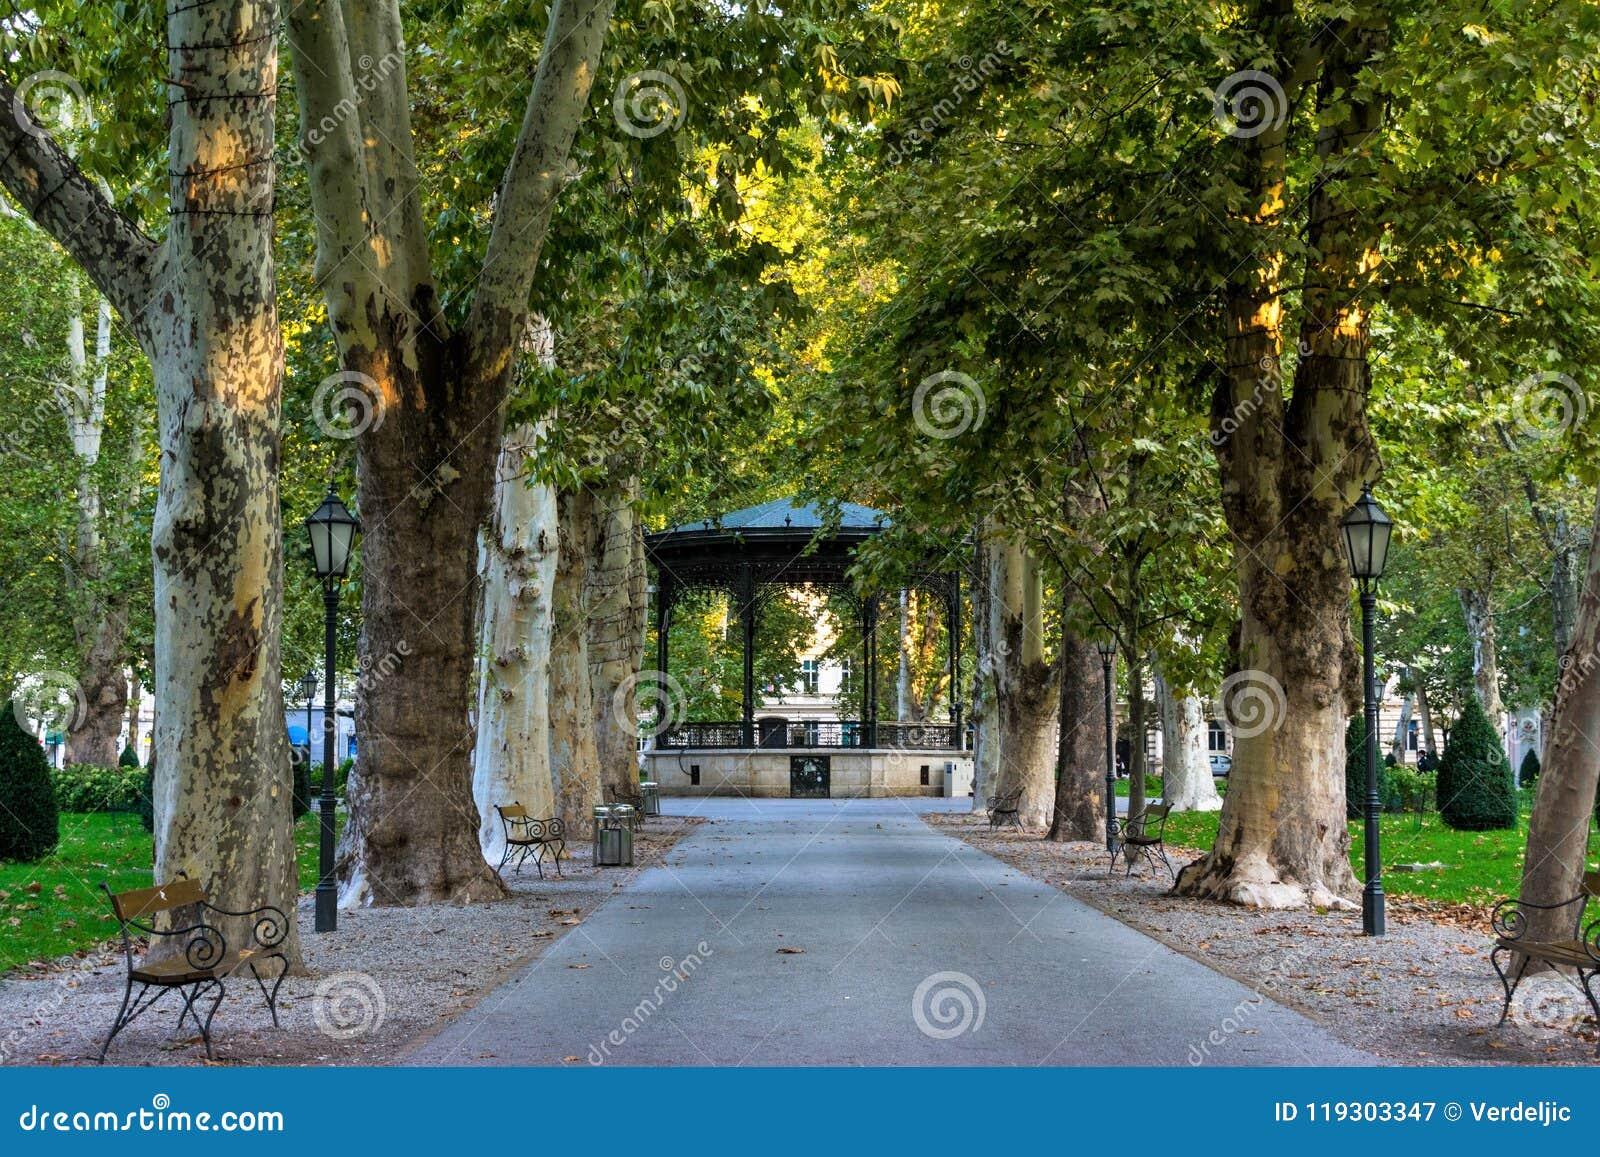 Vista del parque famoso de Zrinjevac en el centro de ciudad de Zagreb, Croacia